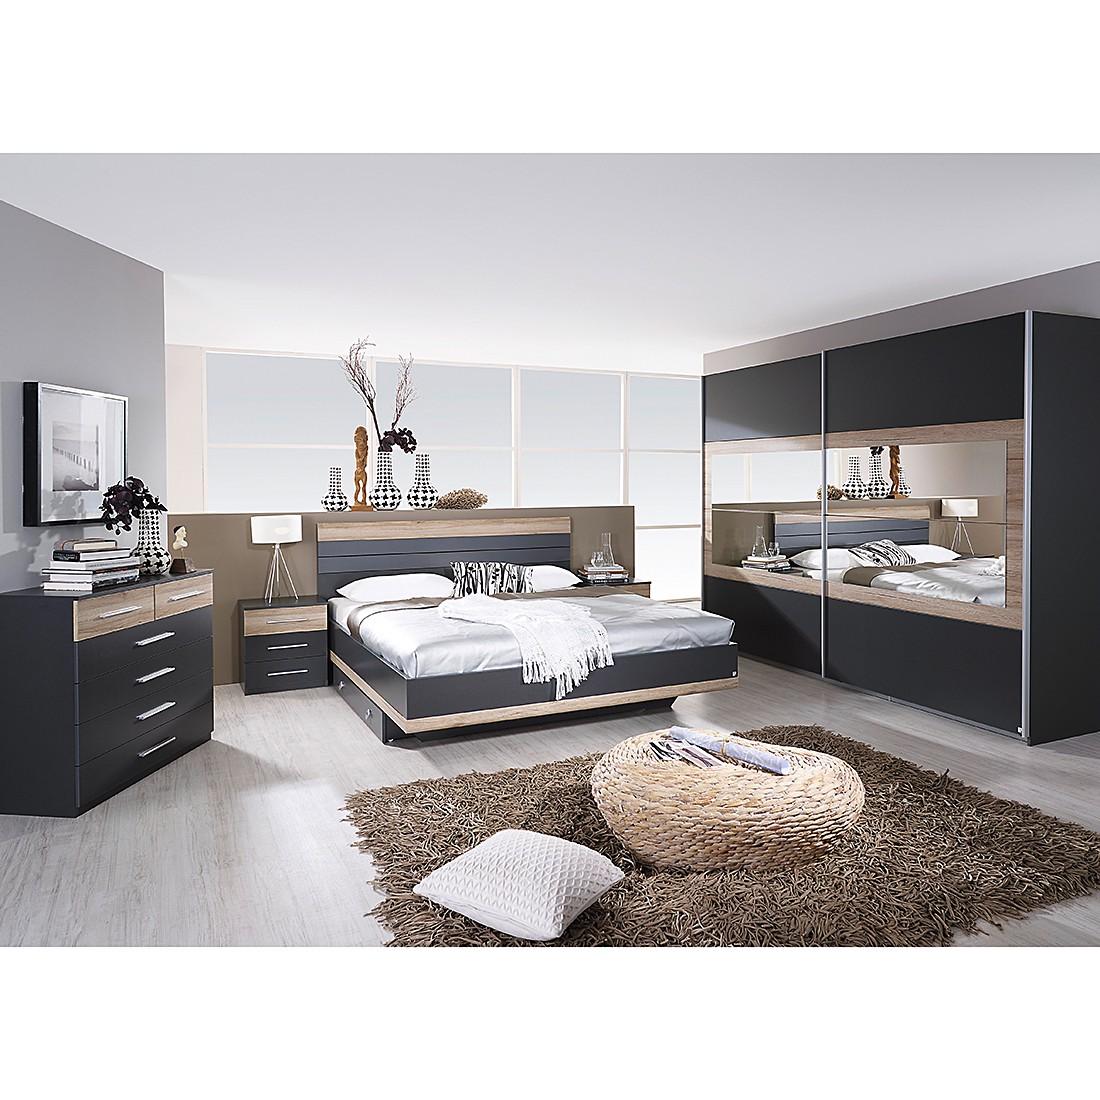 Schlafzimmerkombination Tarragona (4-teilig) – Grau Metallic/Eiche Sanremo Dekor, Rauch günstig kaufen